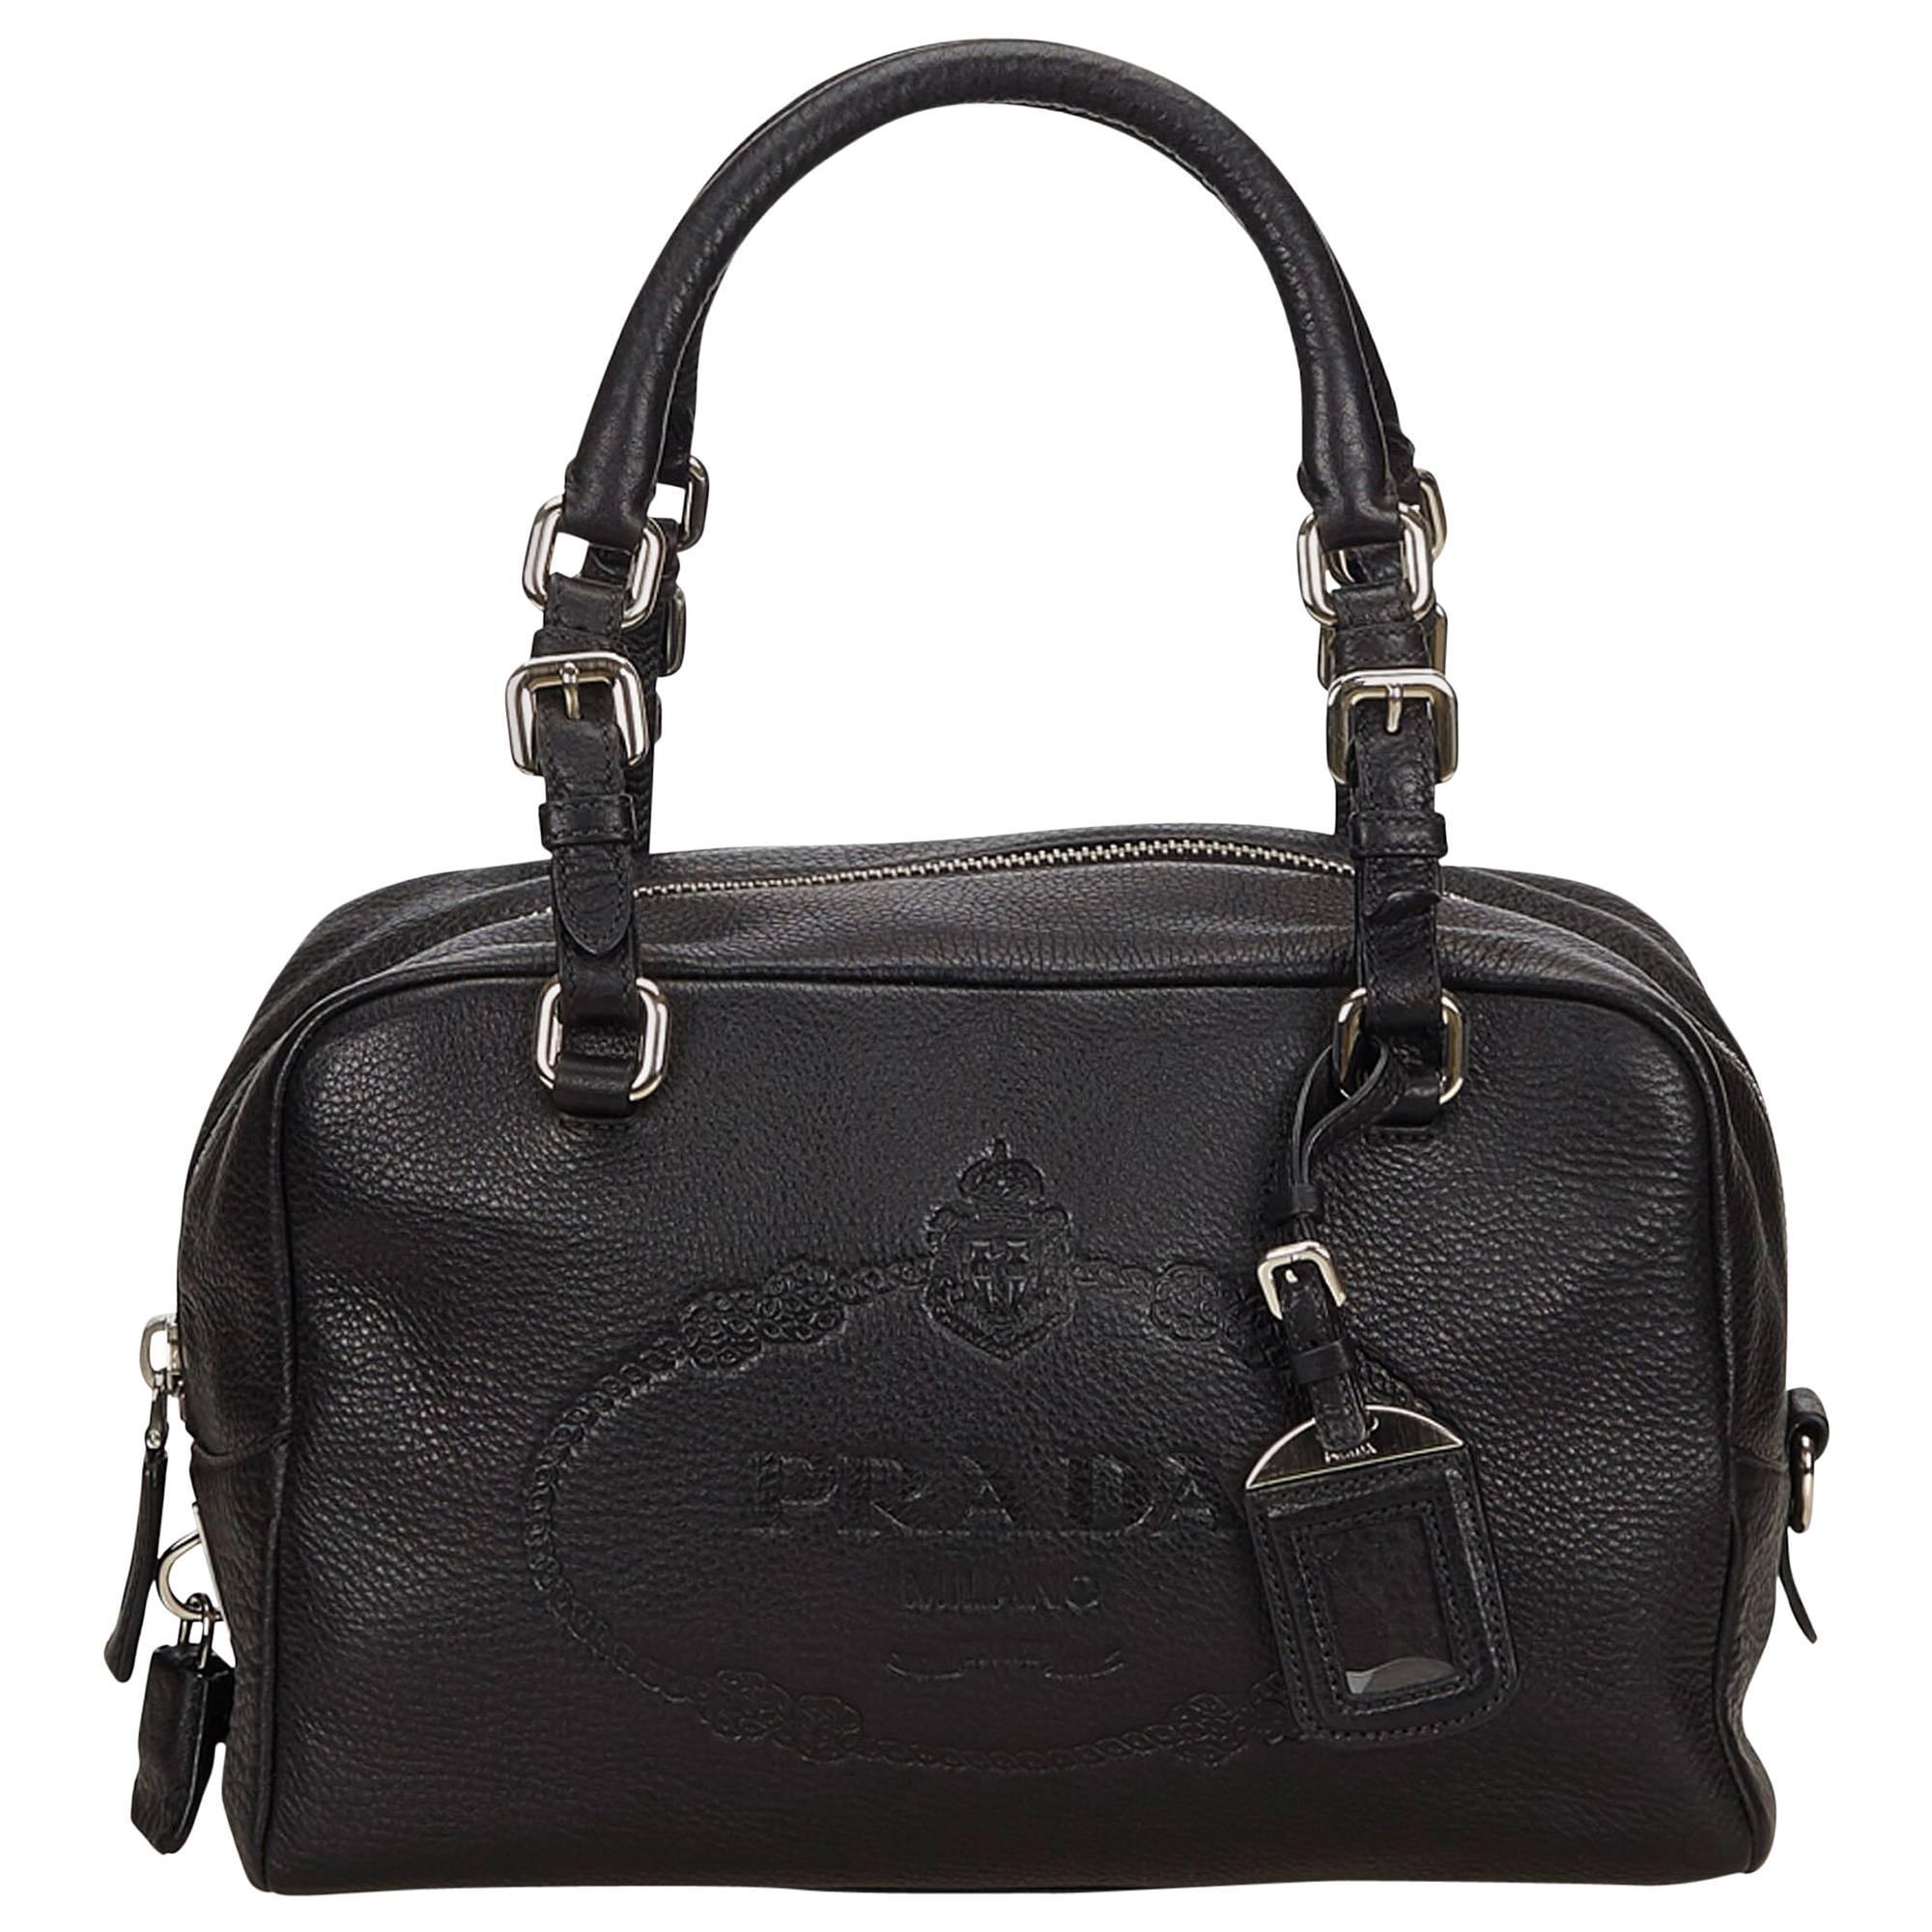 Prada Black Vitello Daino Bauletto Bag at 1stdibs 73295b8c107e3